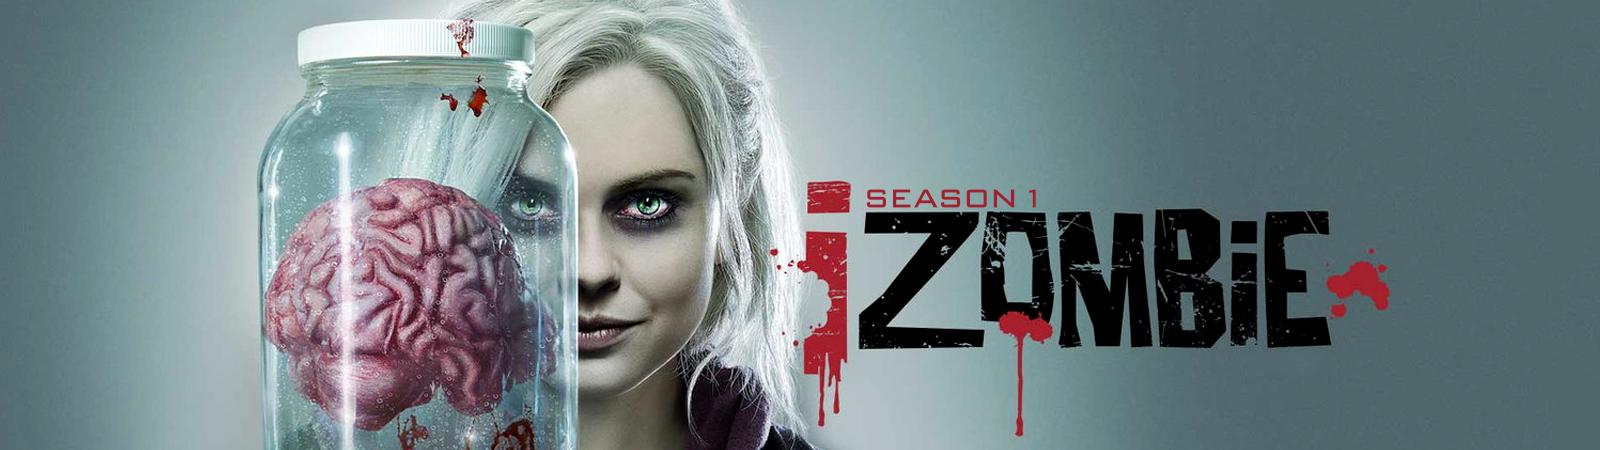 iZombie - Season 1